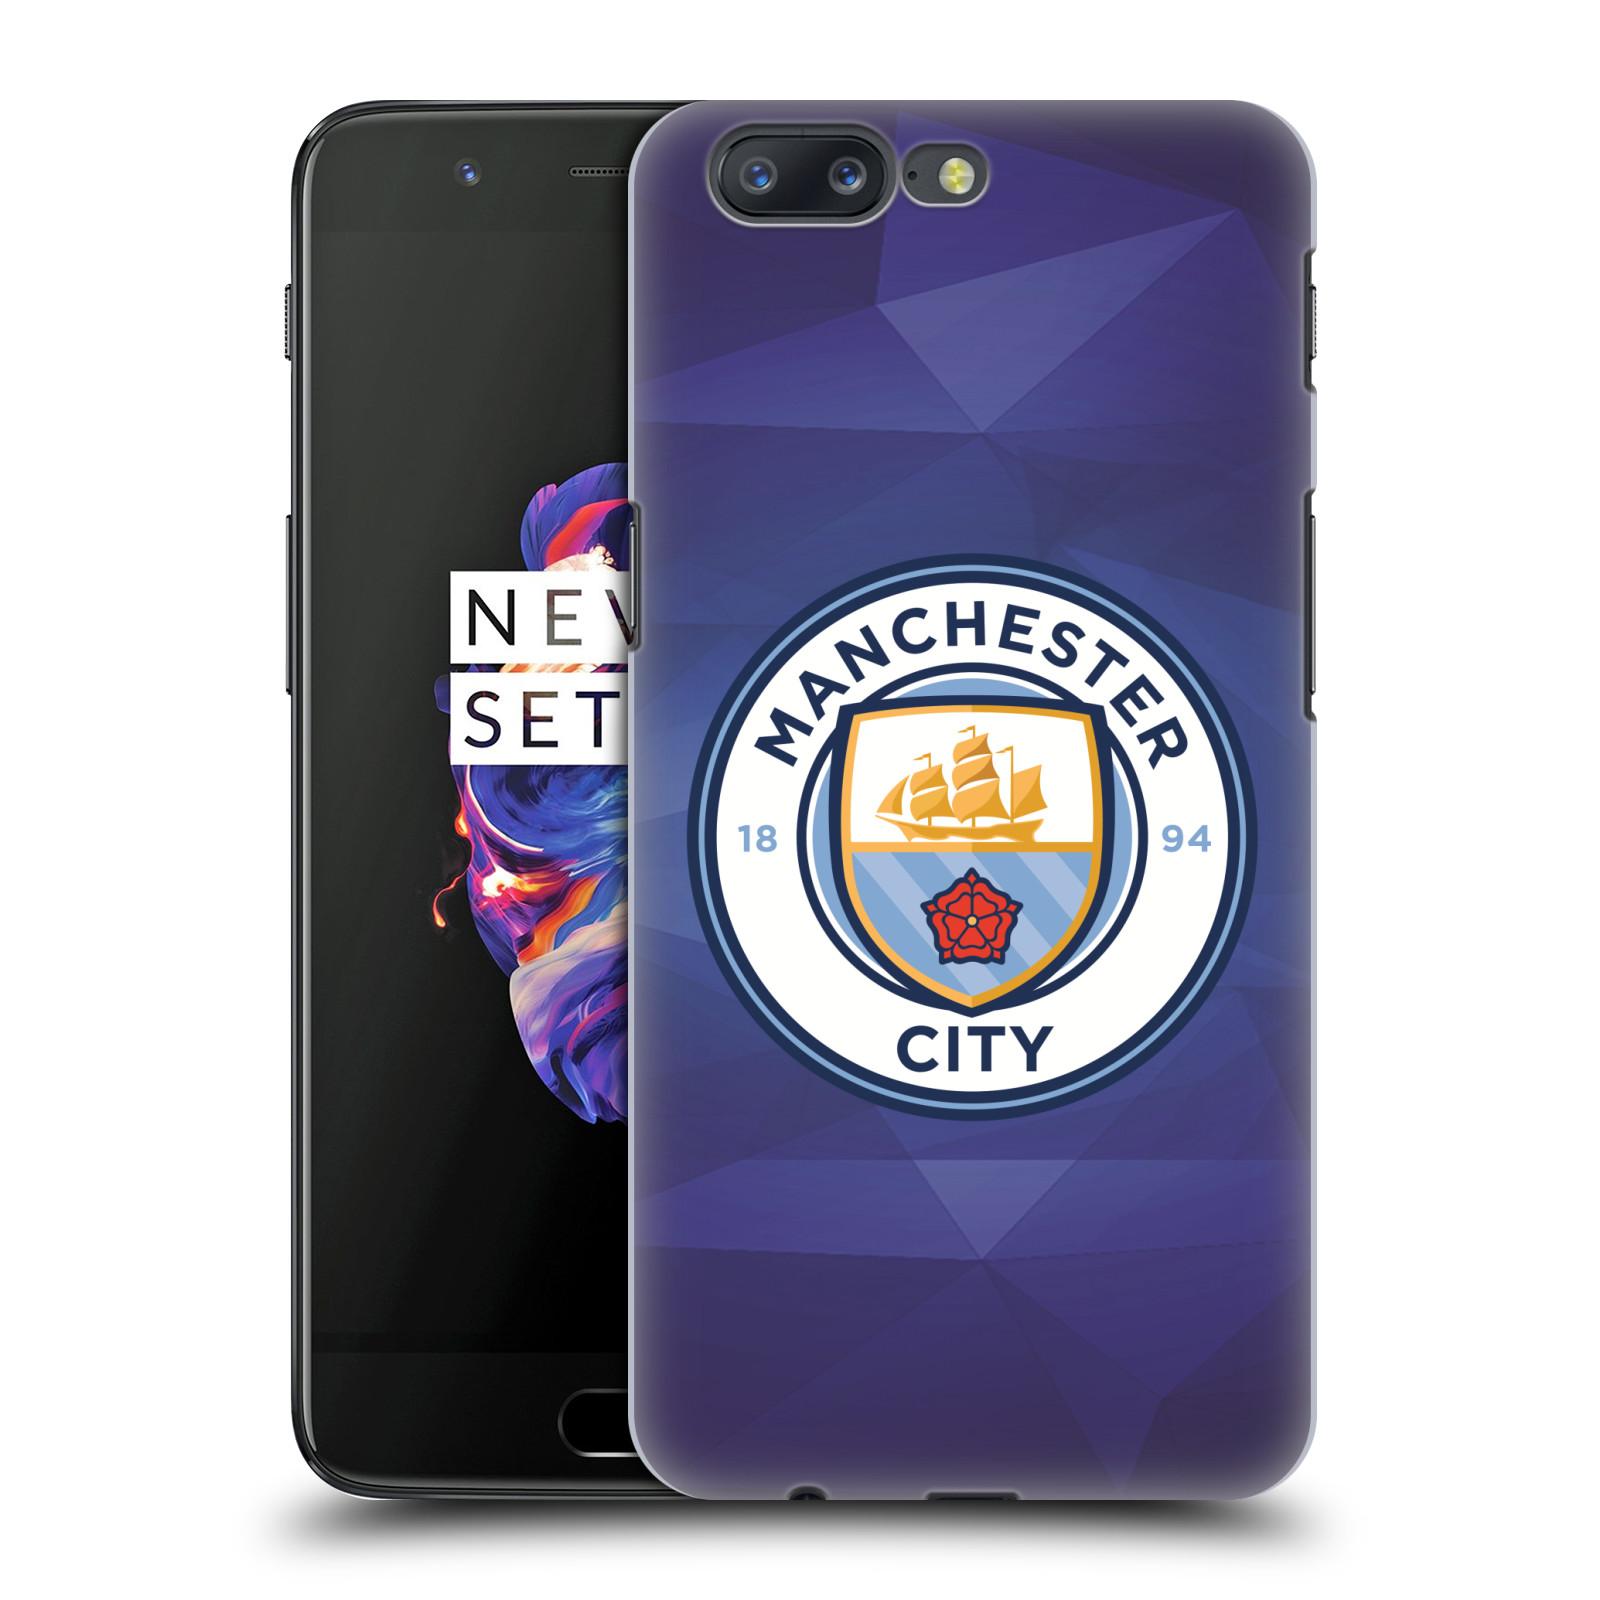 Plastové pouzdro na mobil OnePlus 5 - Head Case - Manchester City FC - Modré nové logo (Plastový kryt či obal na mobilní telefon OnePlus 5 s motivem Manchester City FC - Modré nové logo)